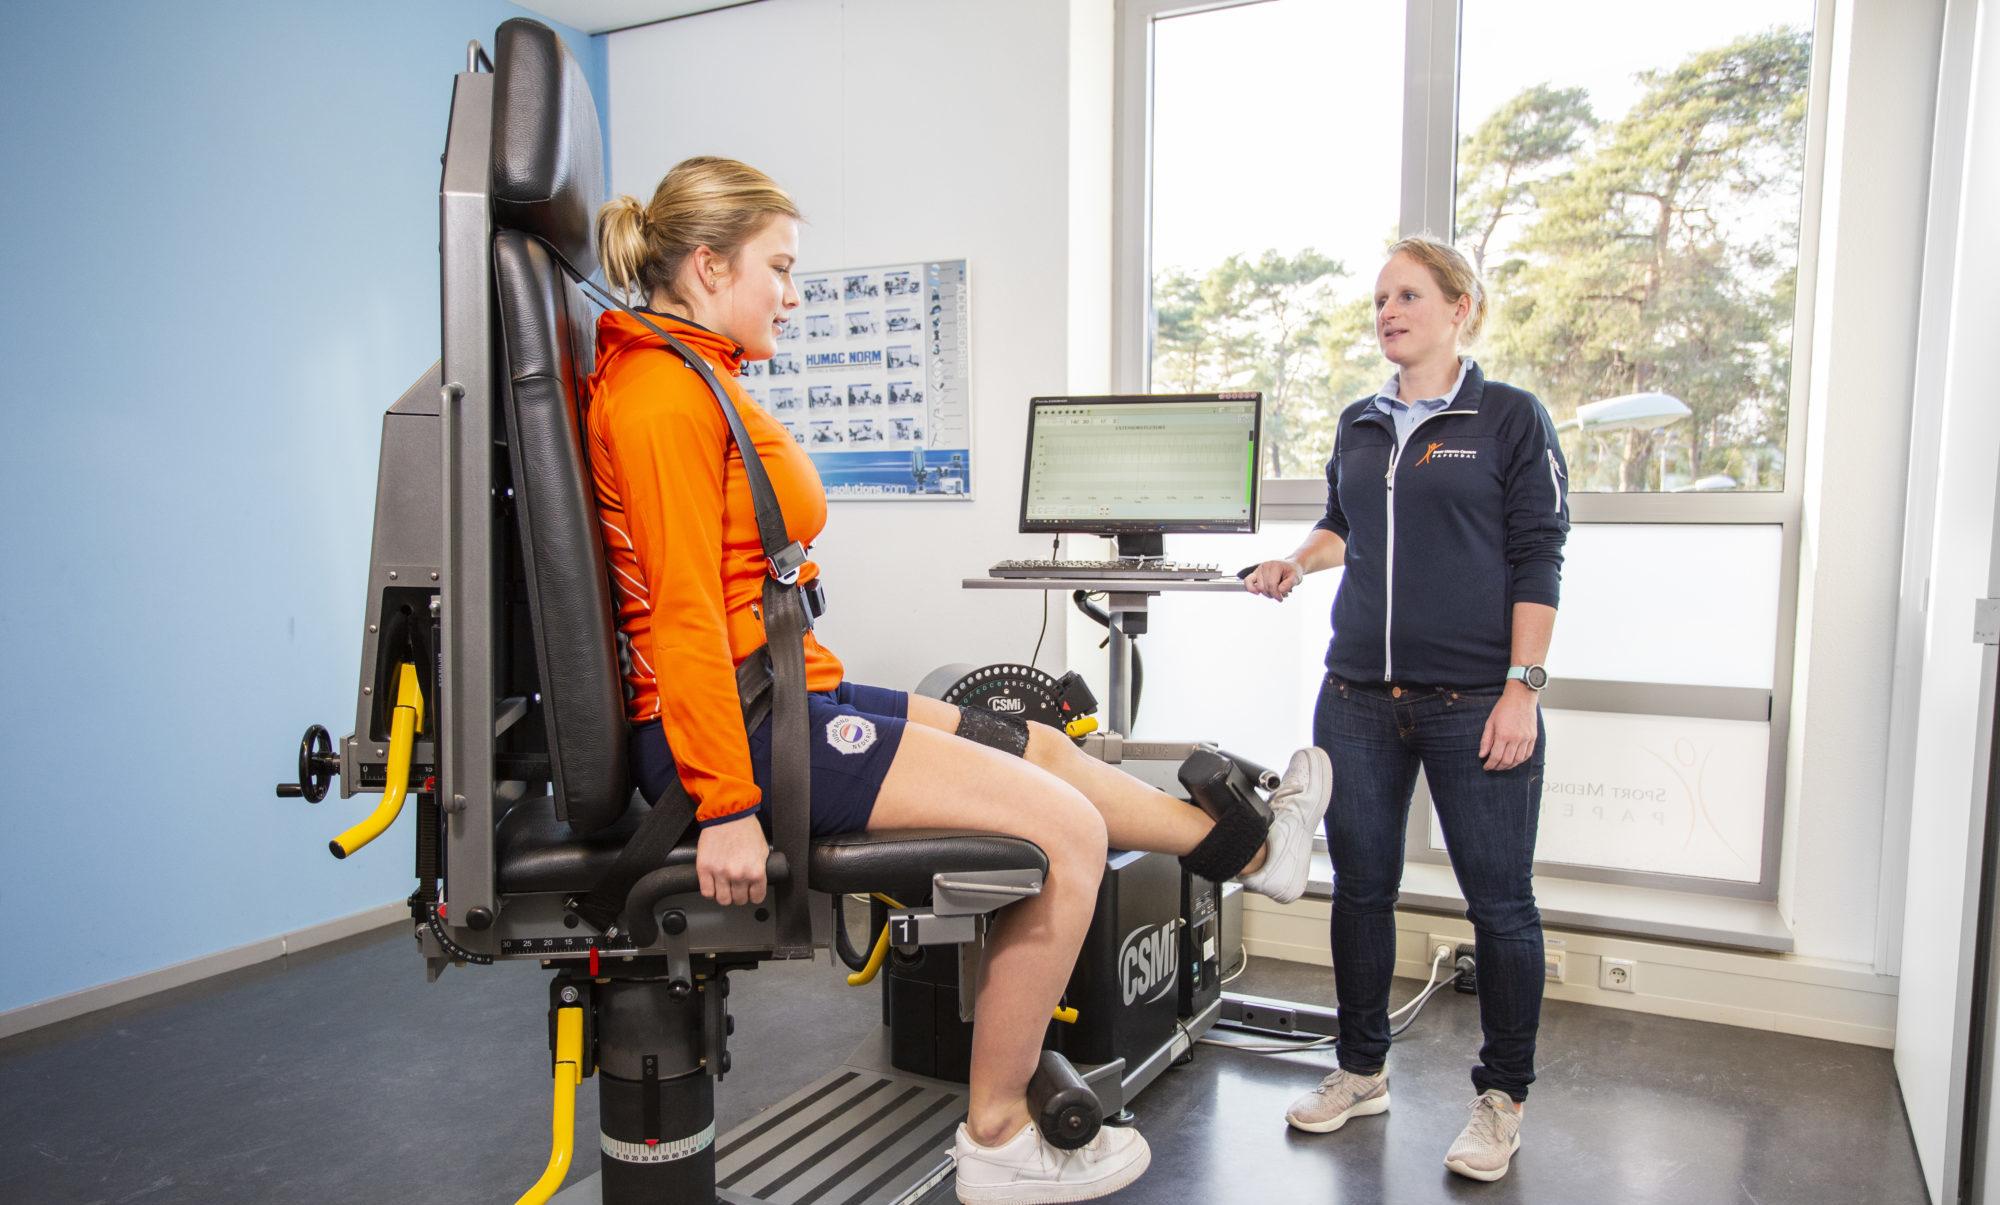 fysiotherapie-testen en meten-smcp